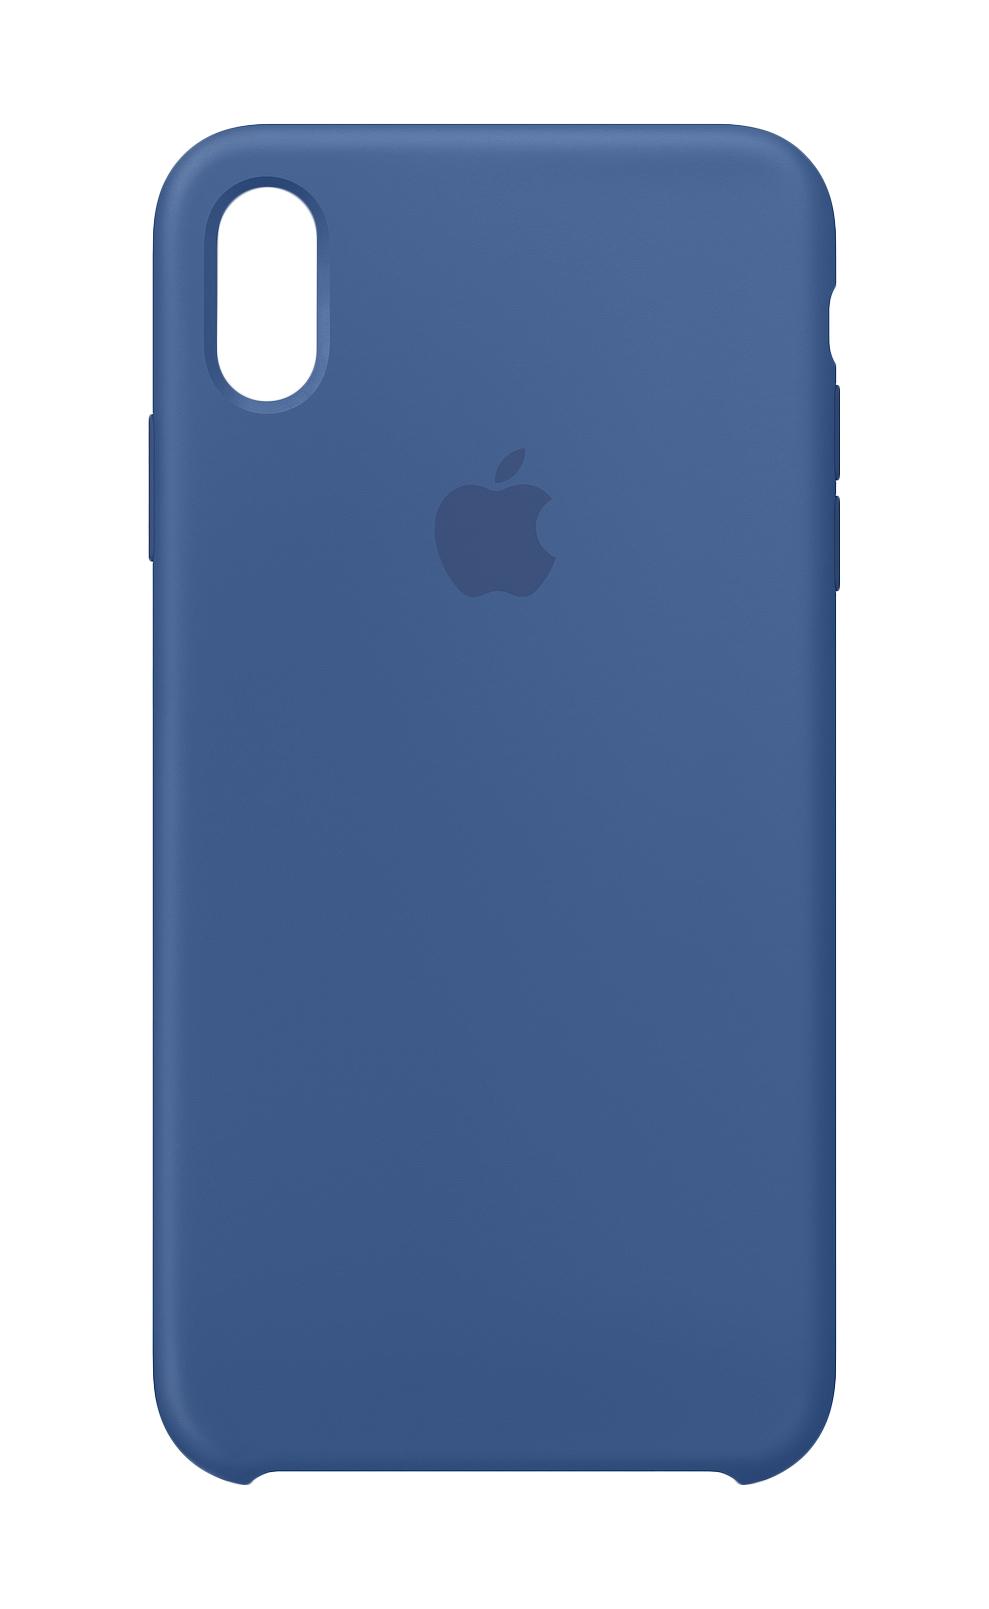 Apple MVF62ZM/A funda para teléfono móvil